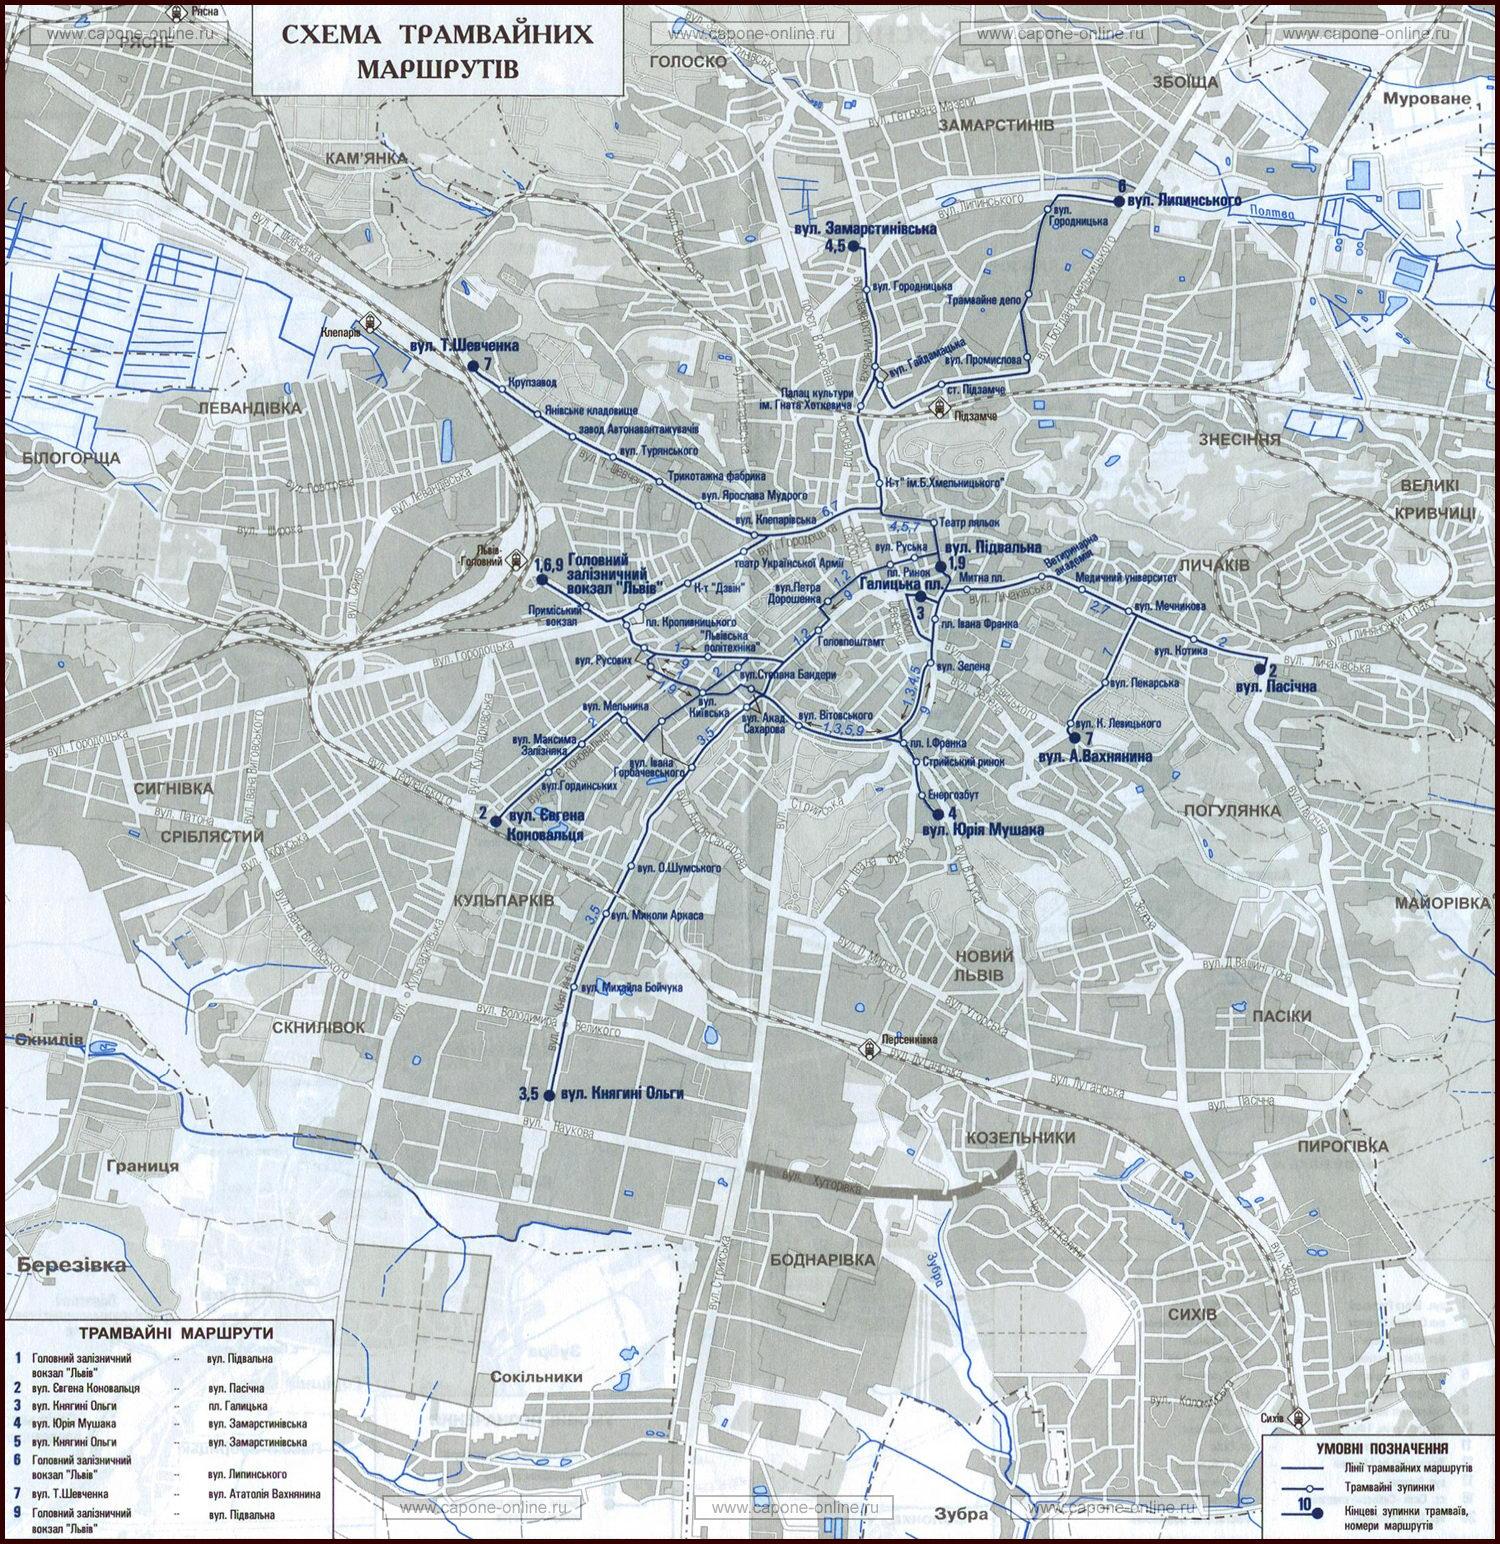 Туристическая карта-схема трамвайных маршрутов города Львов.